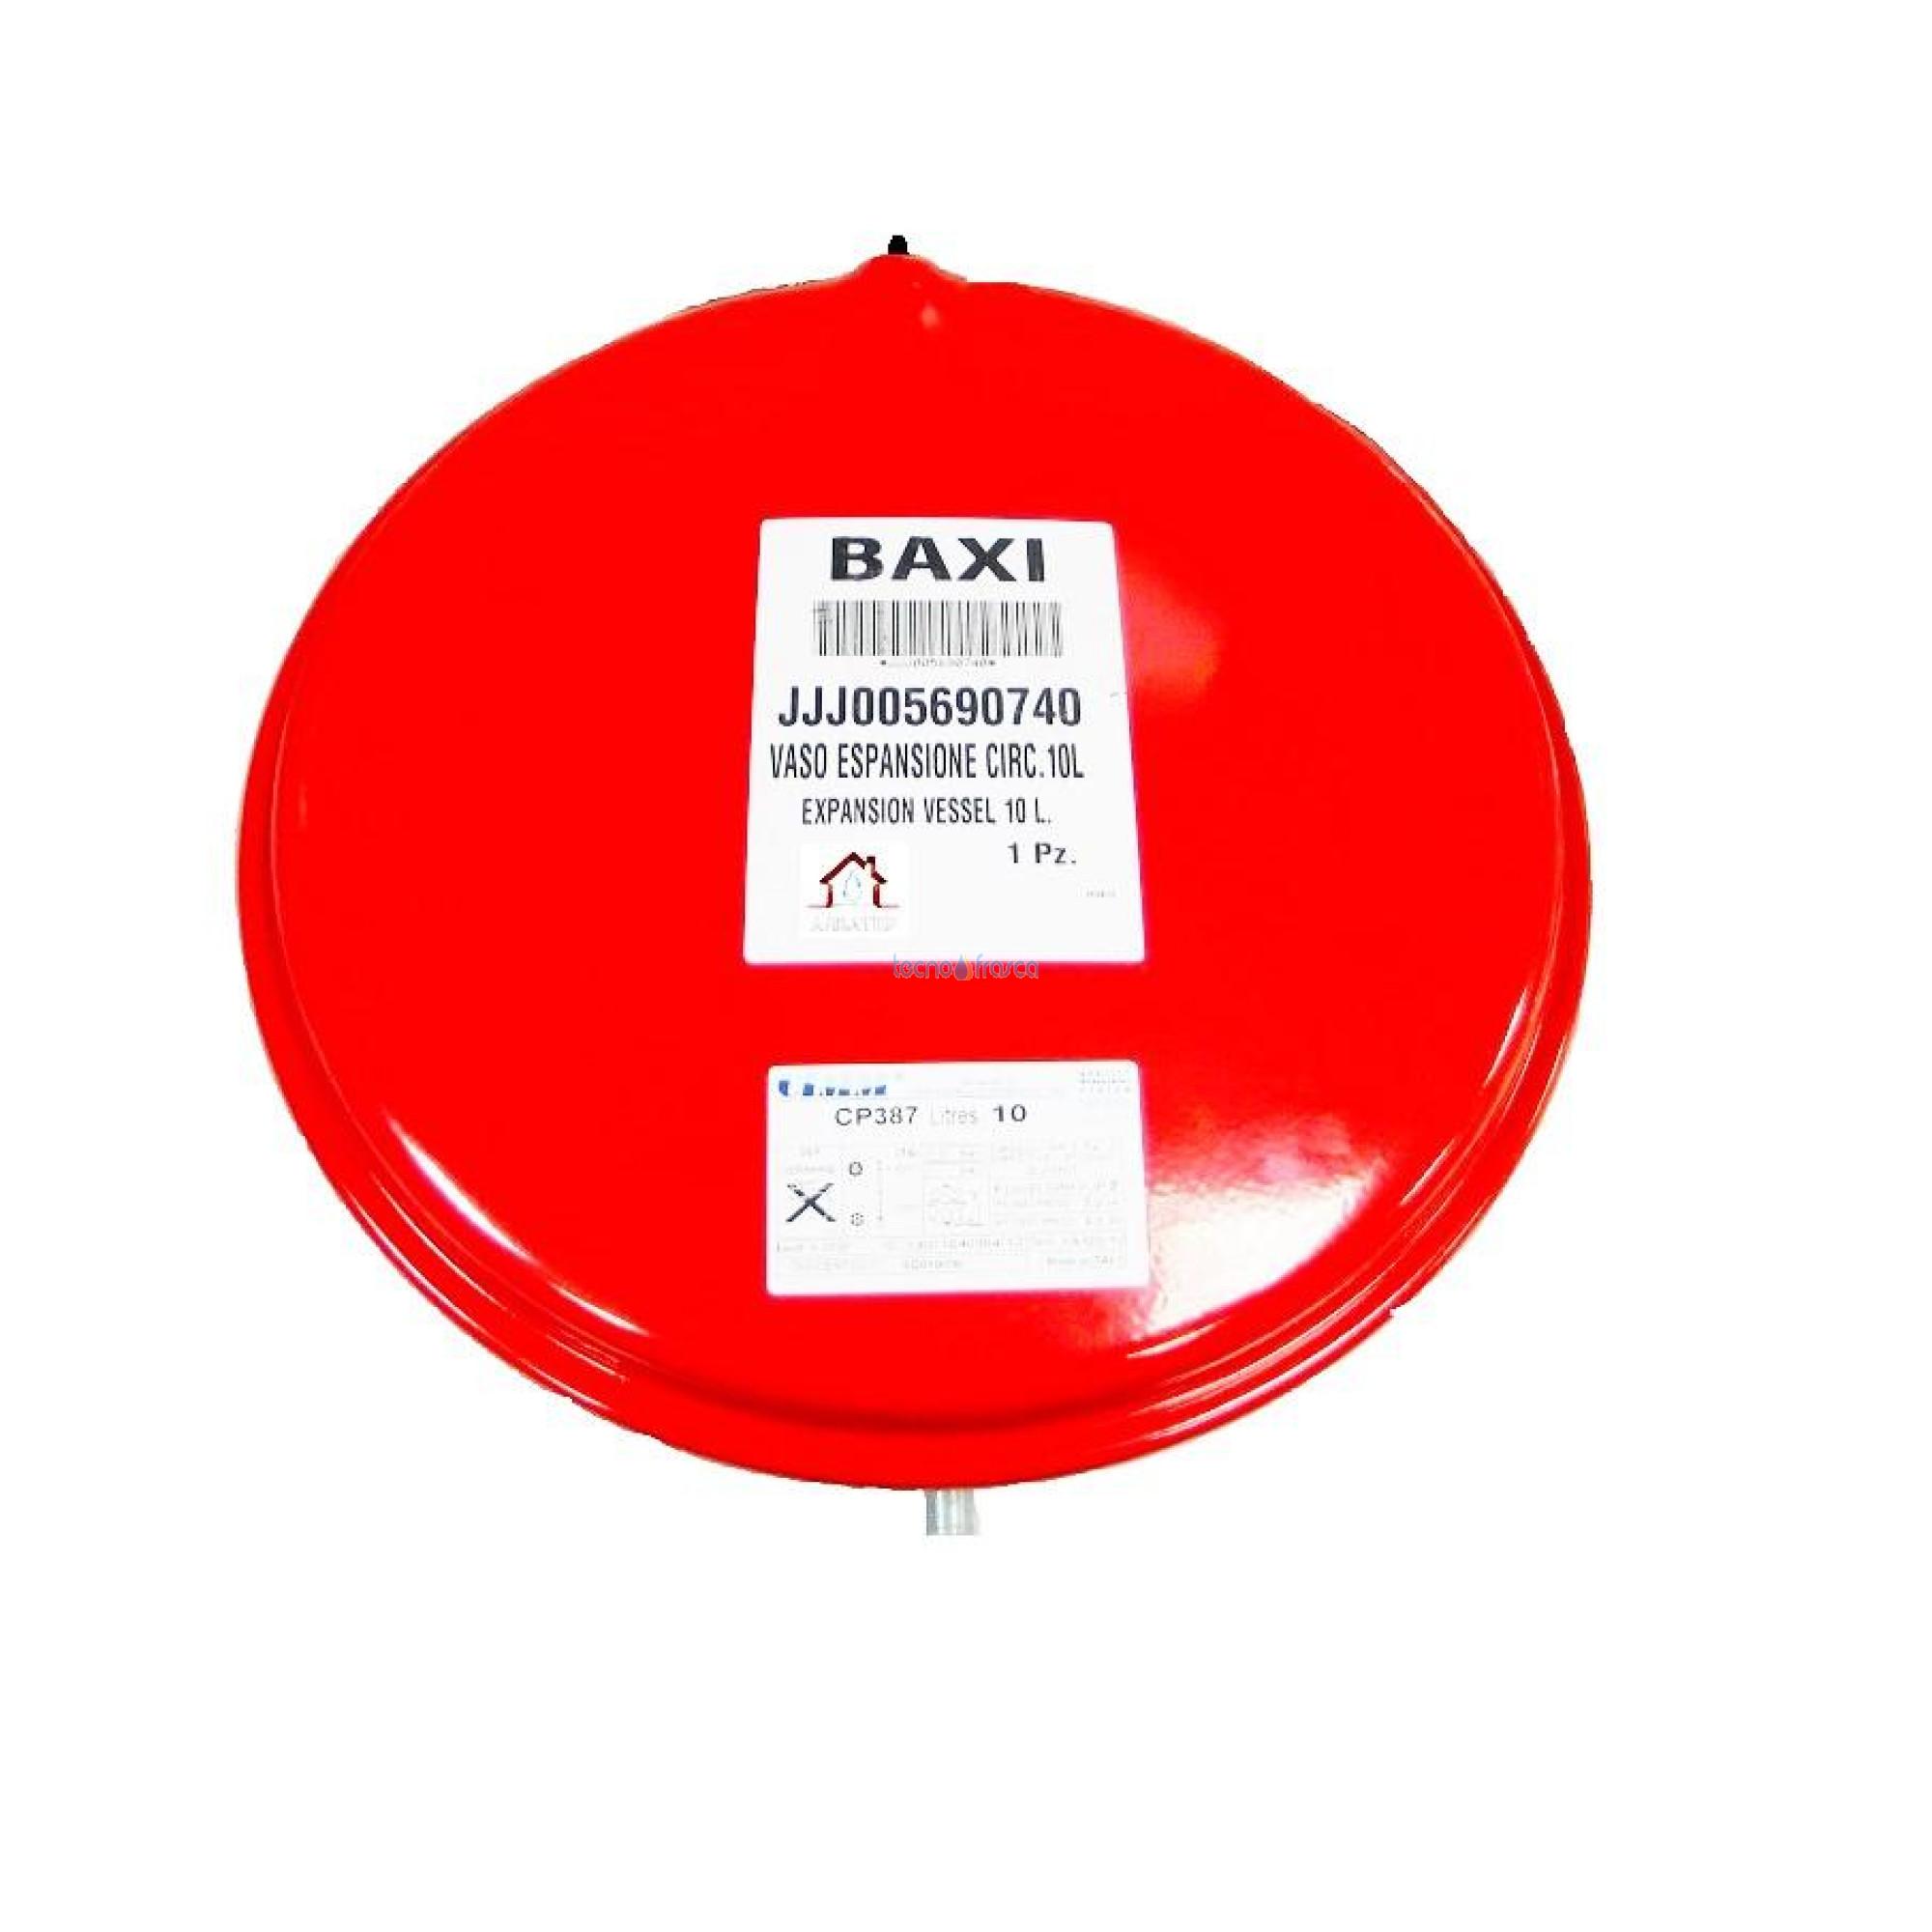 Baxi vaso di espansione lt 10 circolare jjj005690740